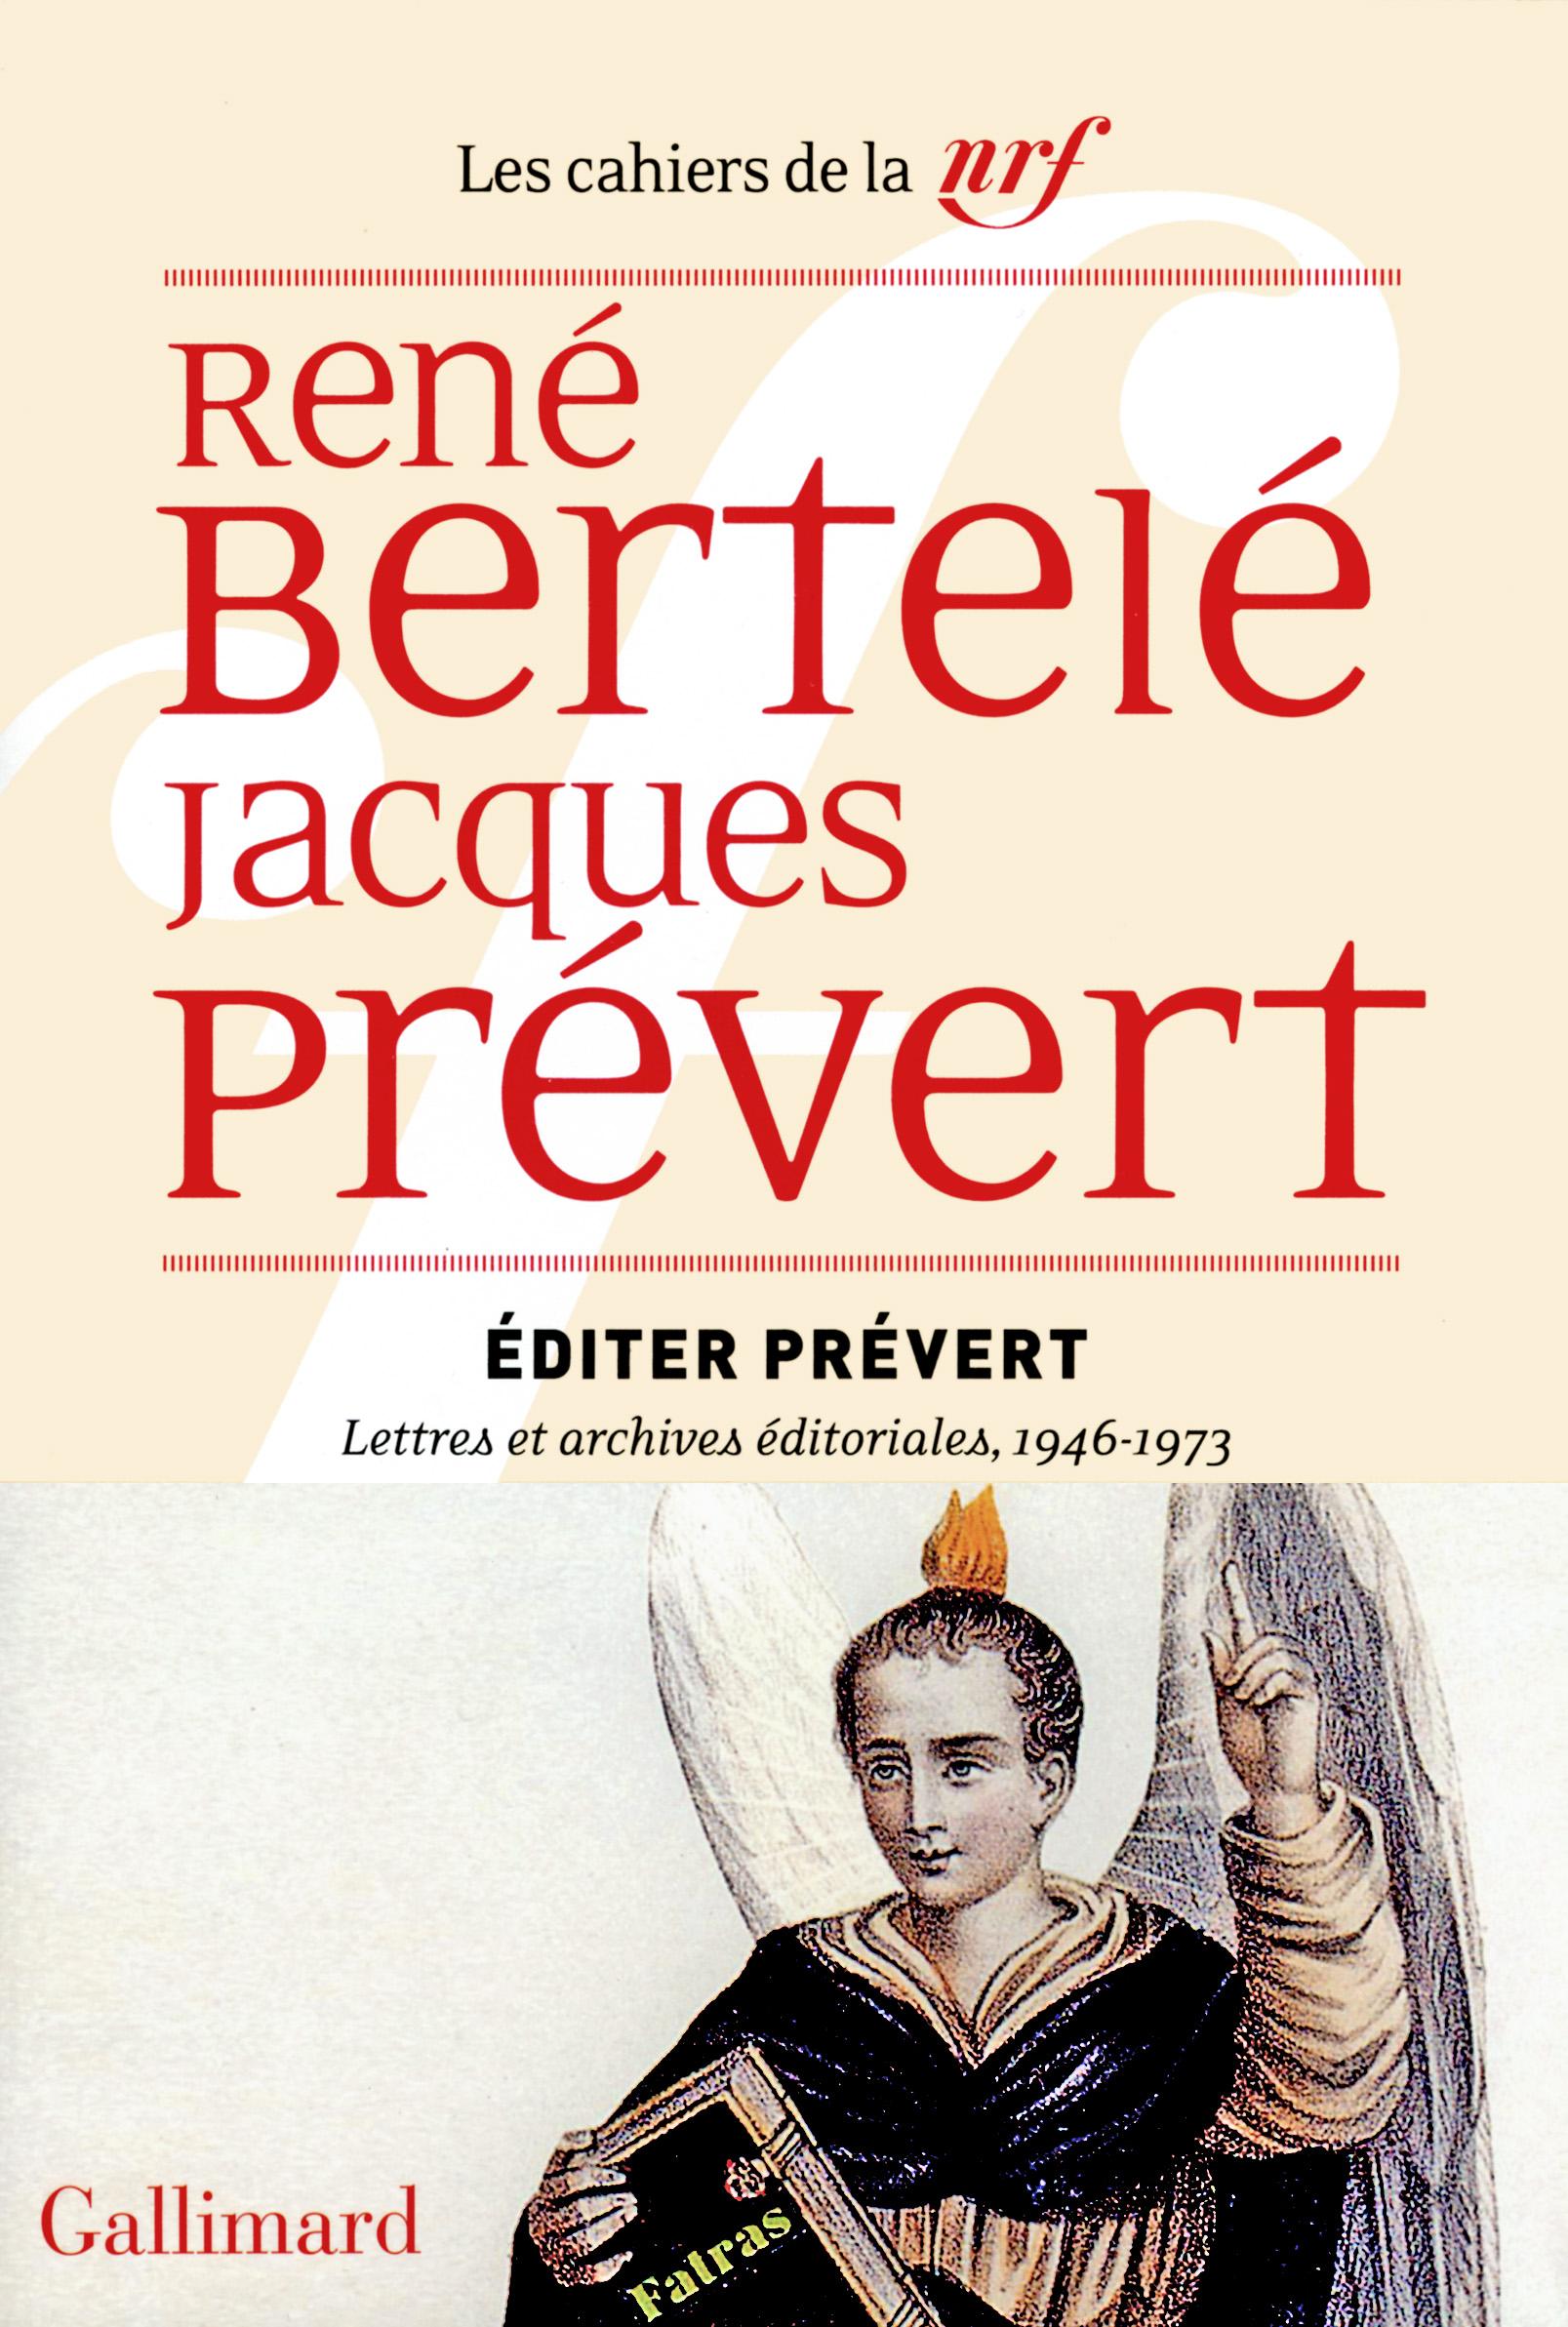 R. Bertelé, J. Prévert, Éditer Prévert. Lettres et archives éditoriales, 1946-1973